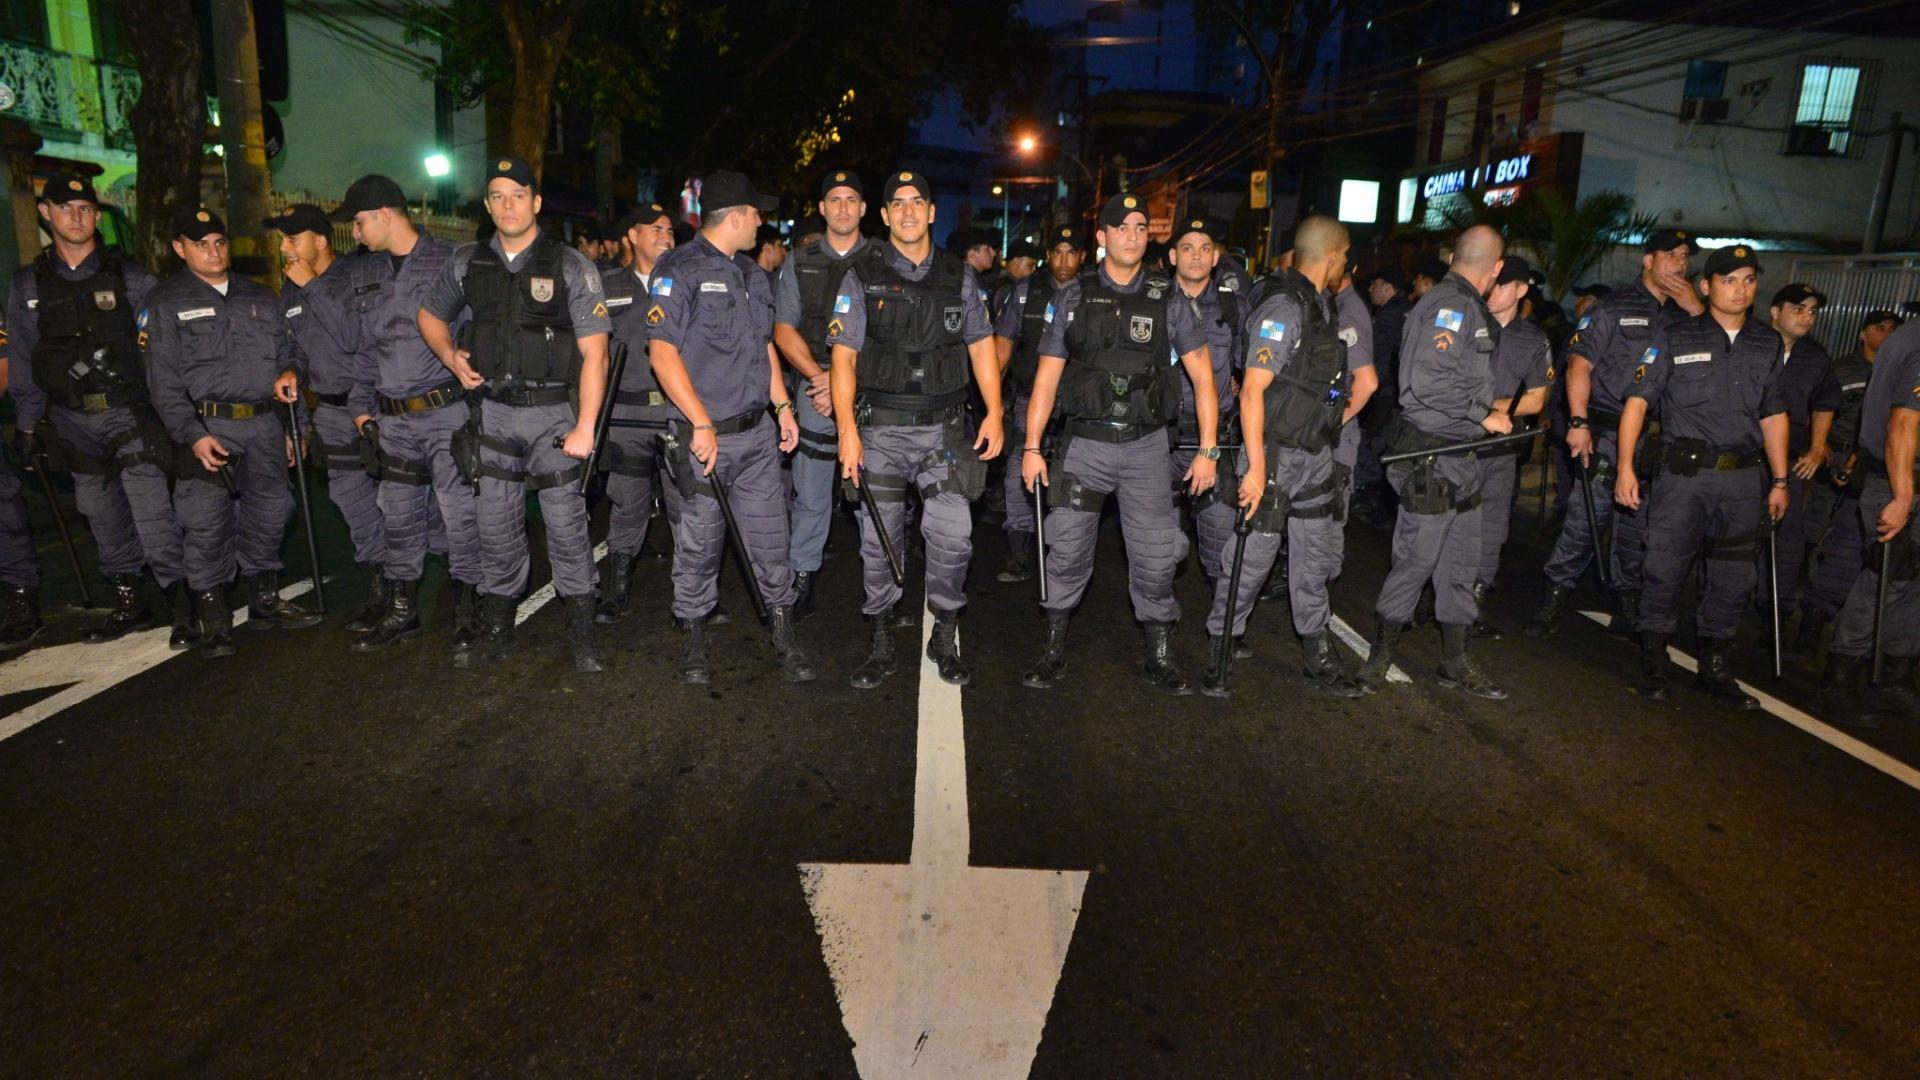 30.jun.2013 - Policiais fazem cordão para deter manifestantes a caminho do Maracanã